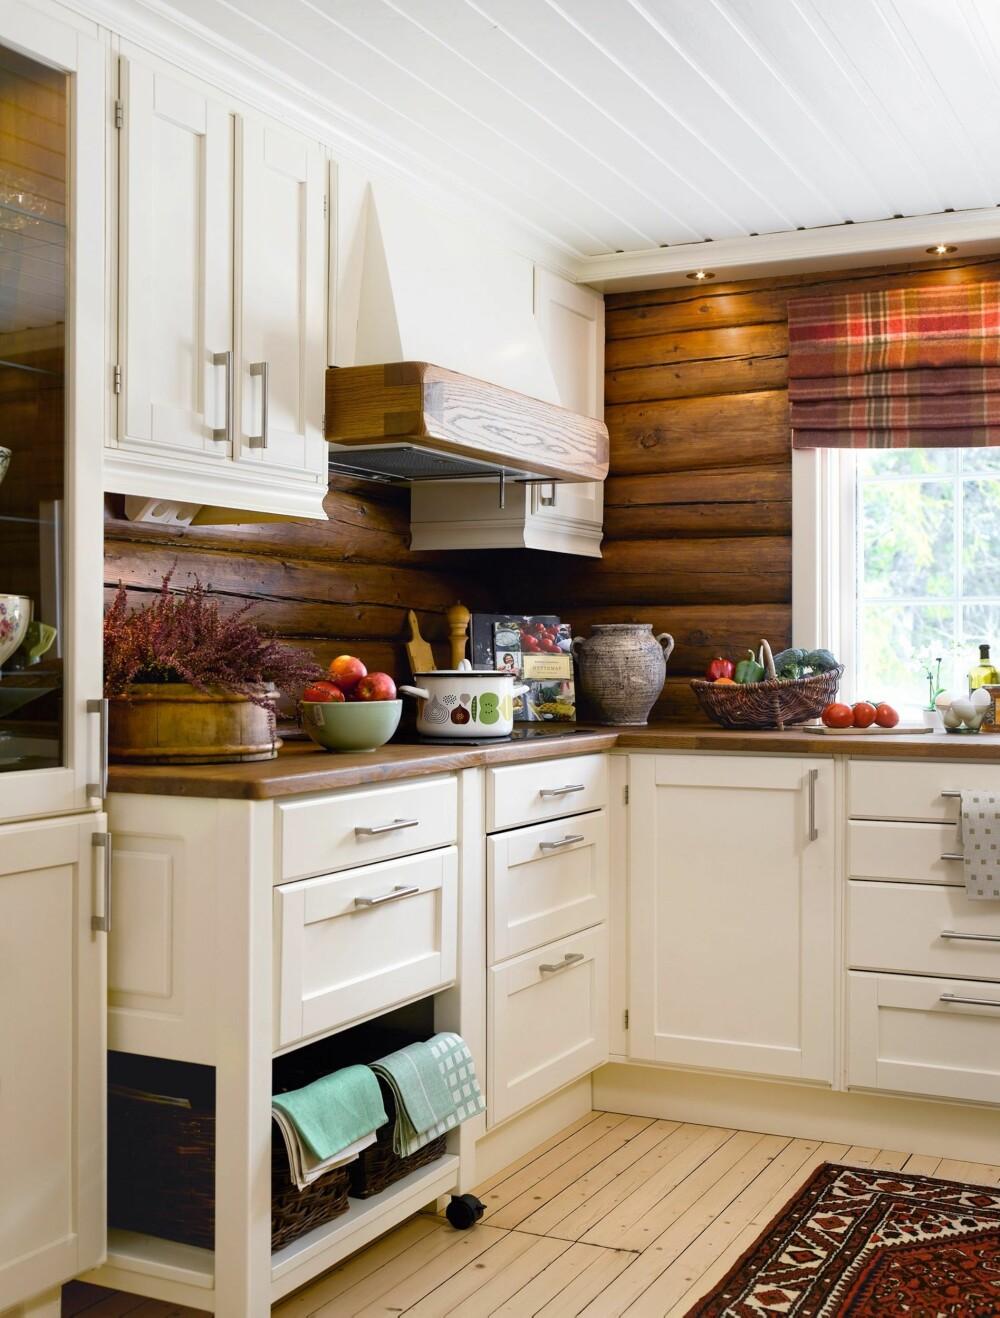 LUNT: De lune, beisede veggene gir en varm og koselig atmosfære på kjøkkenet. Og siden kjøkkenet er såpass lyst tåler rommet de mørke veggene godt.